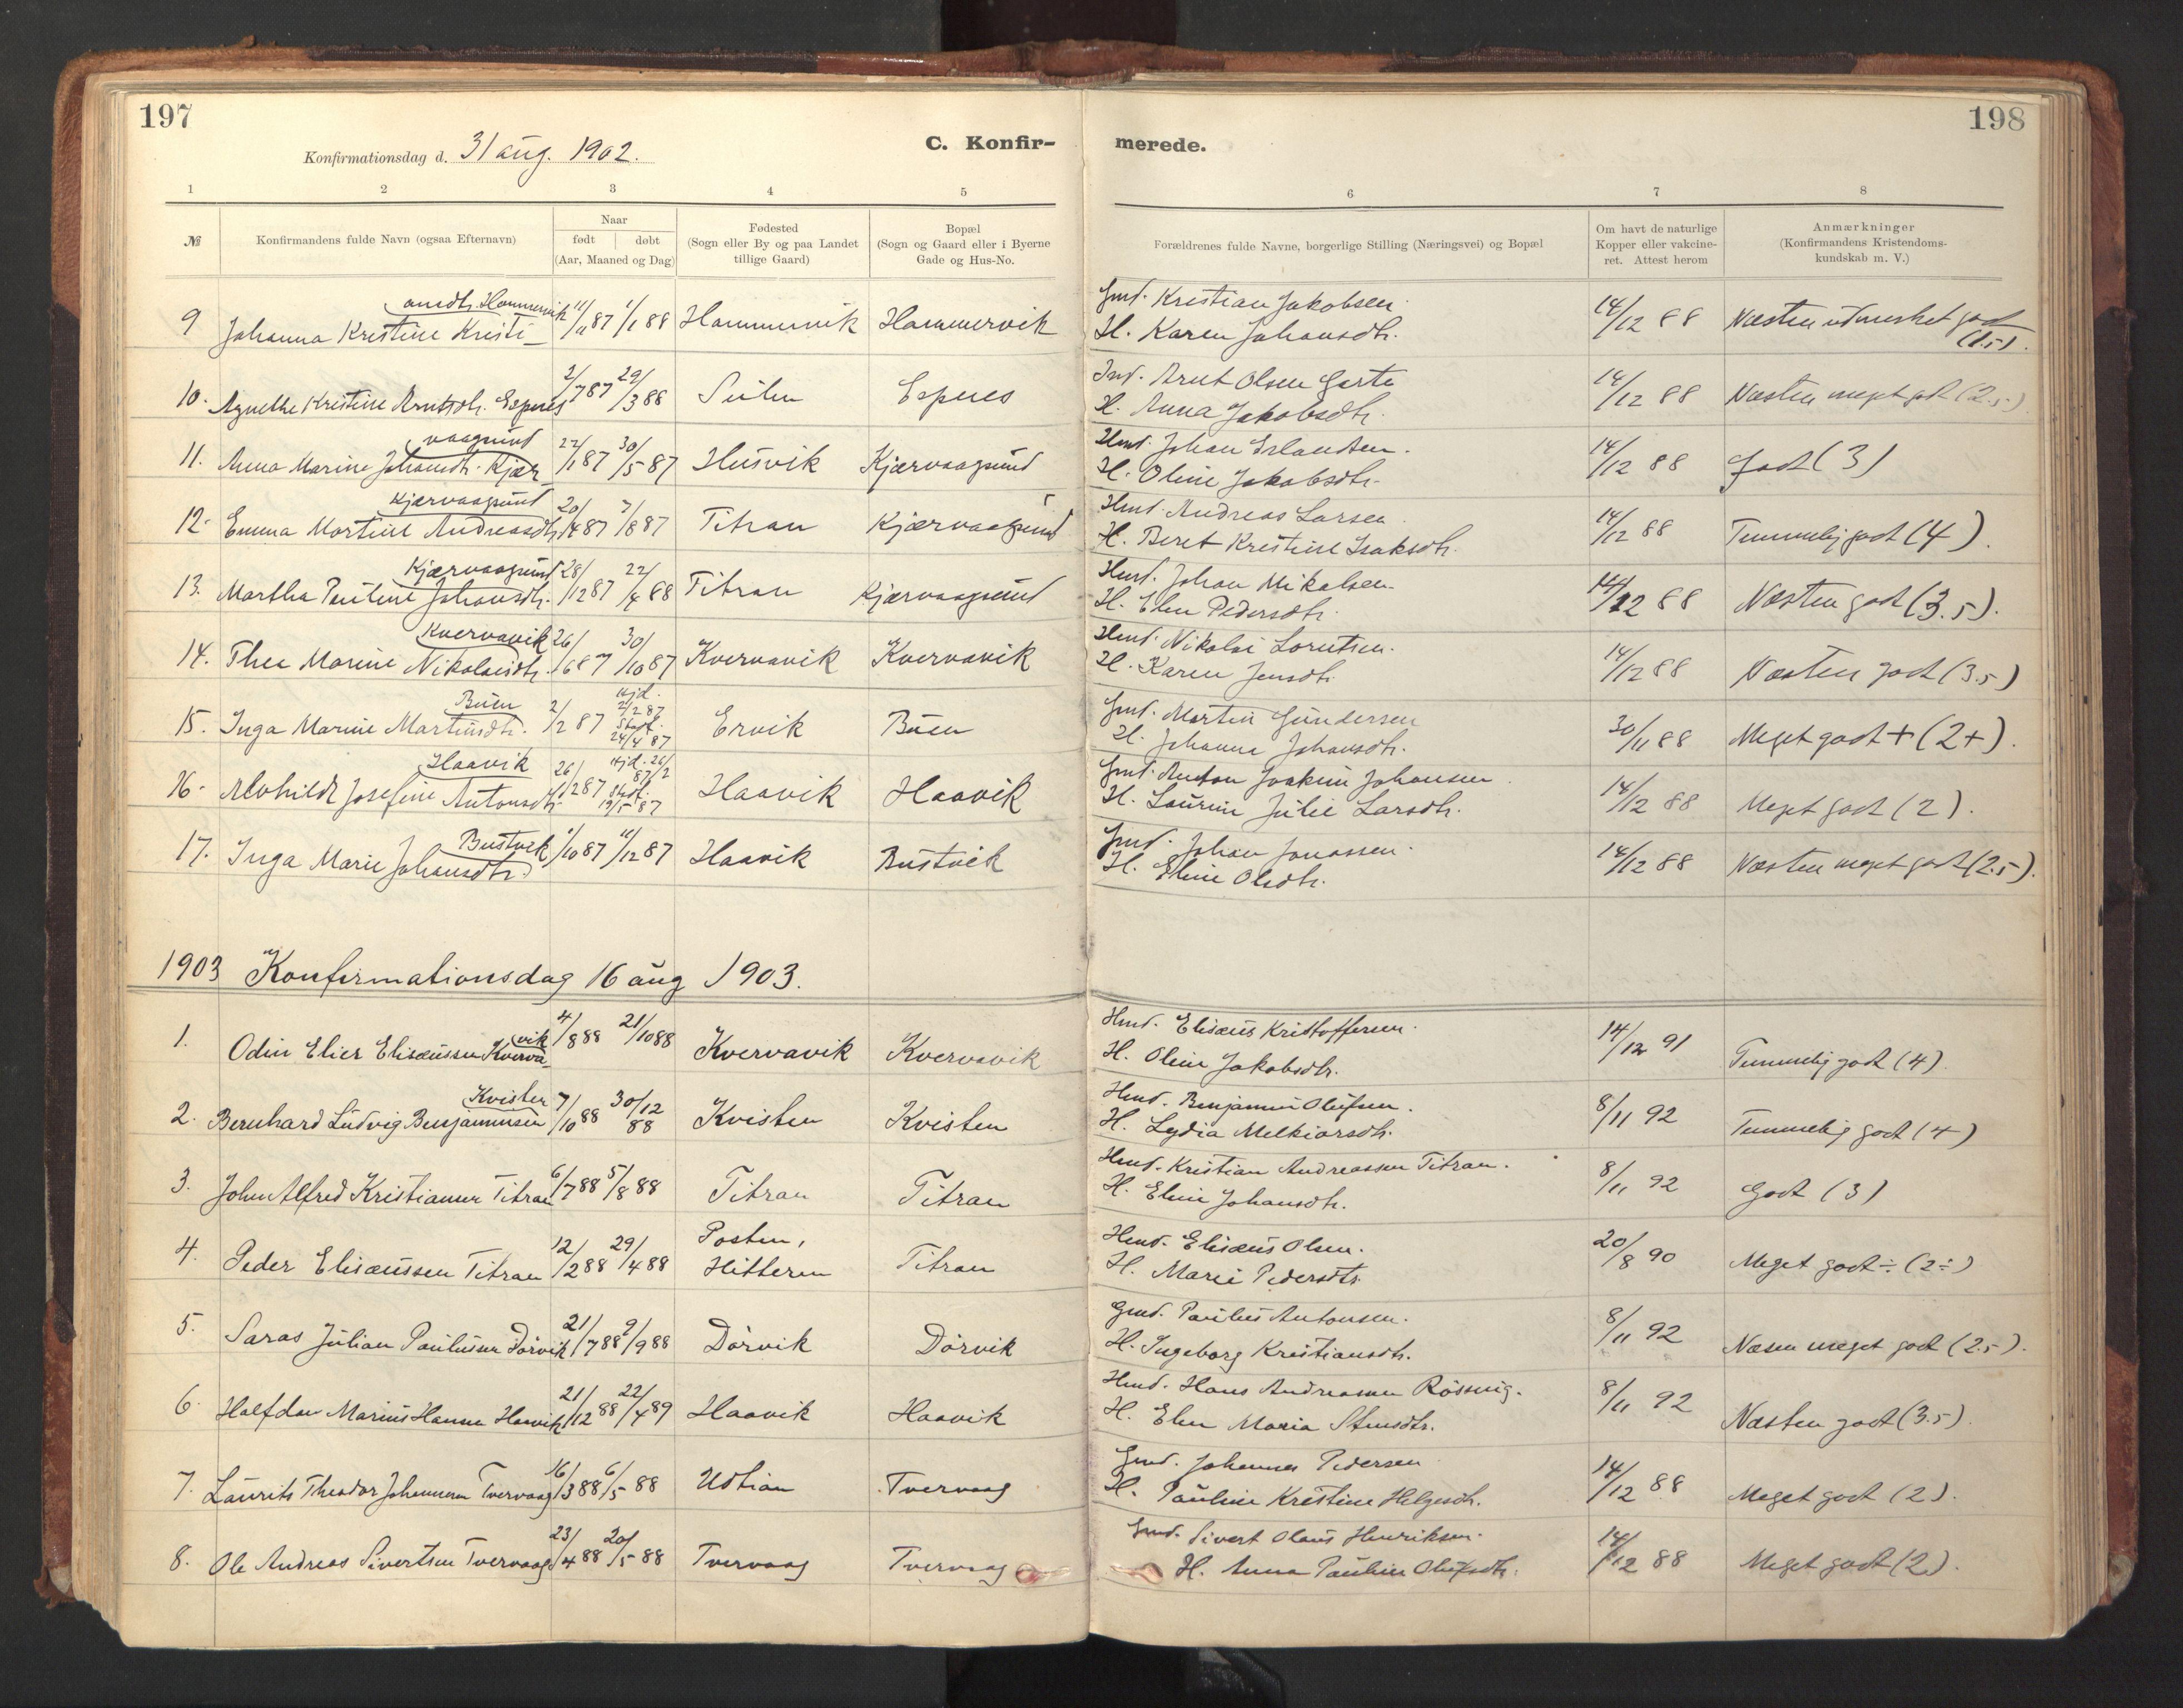 SAT, Ministerialprotokoller, klokkerbøker og fødselsregistre - Sør-Trøndelag, 641/L0596: Ministerialbok nr. 641A02, 1898-1915, s. 197-198